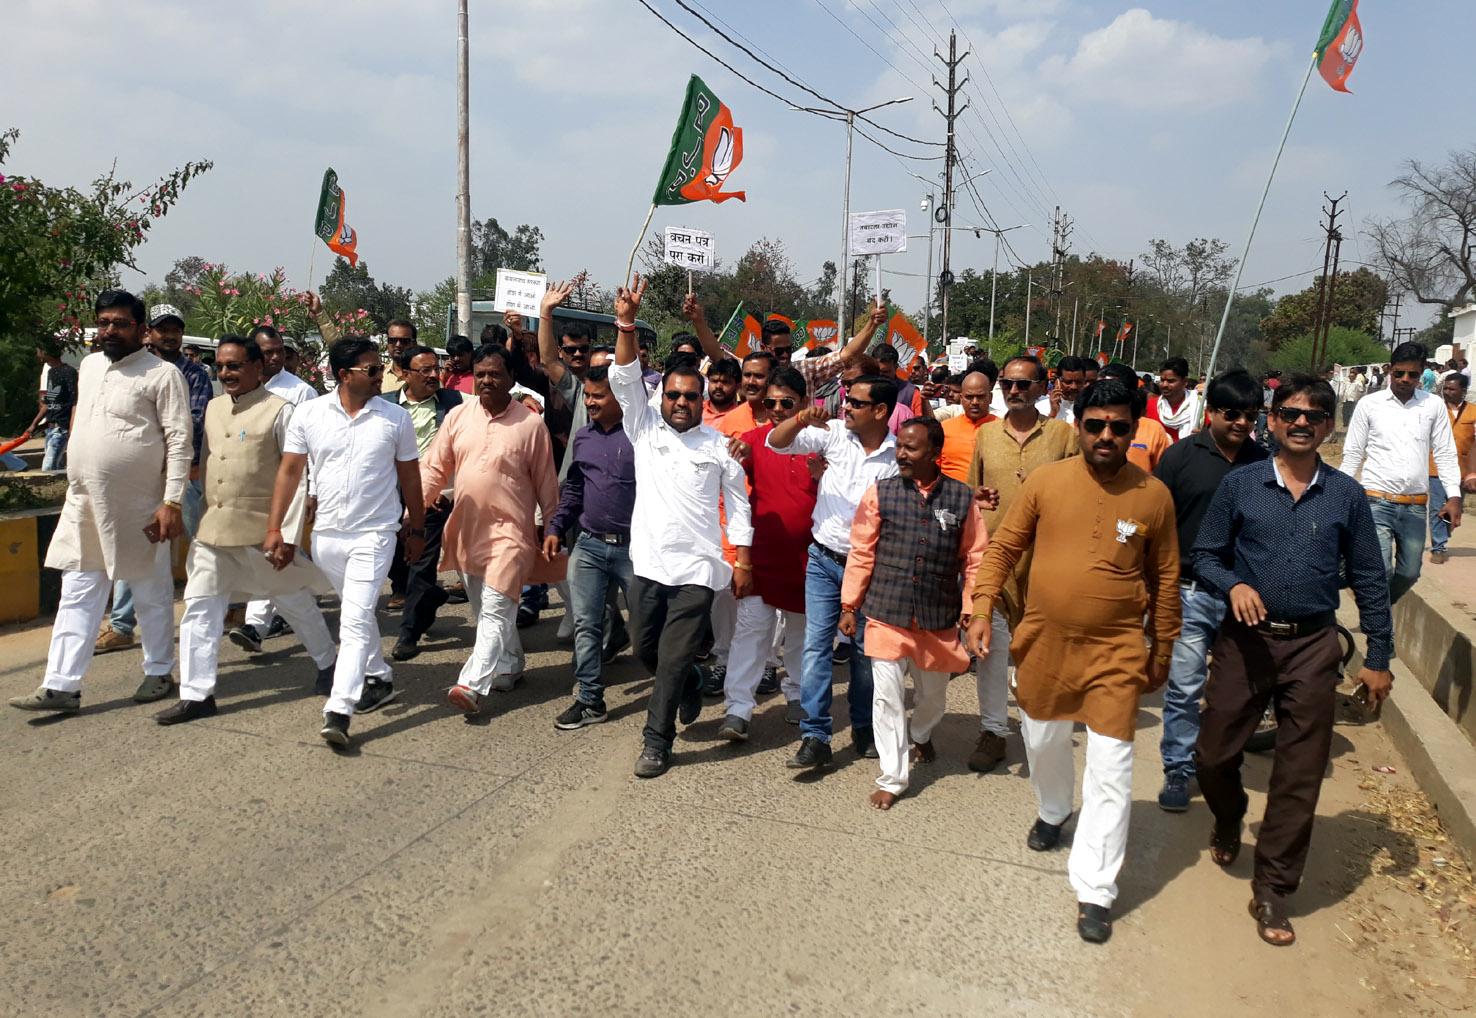 कांग्रेस के वचन पत्र के खिलाफ भाजपा ने निकाली धिक्कार रैली, कहा कांग्रेस प्रदेशवासियों के साथ कर रही छल